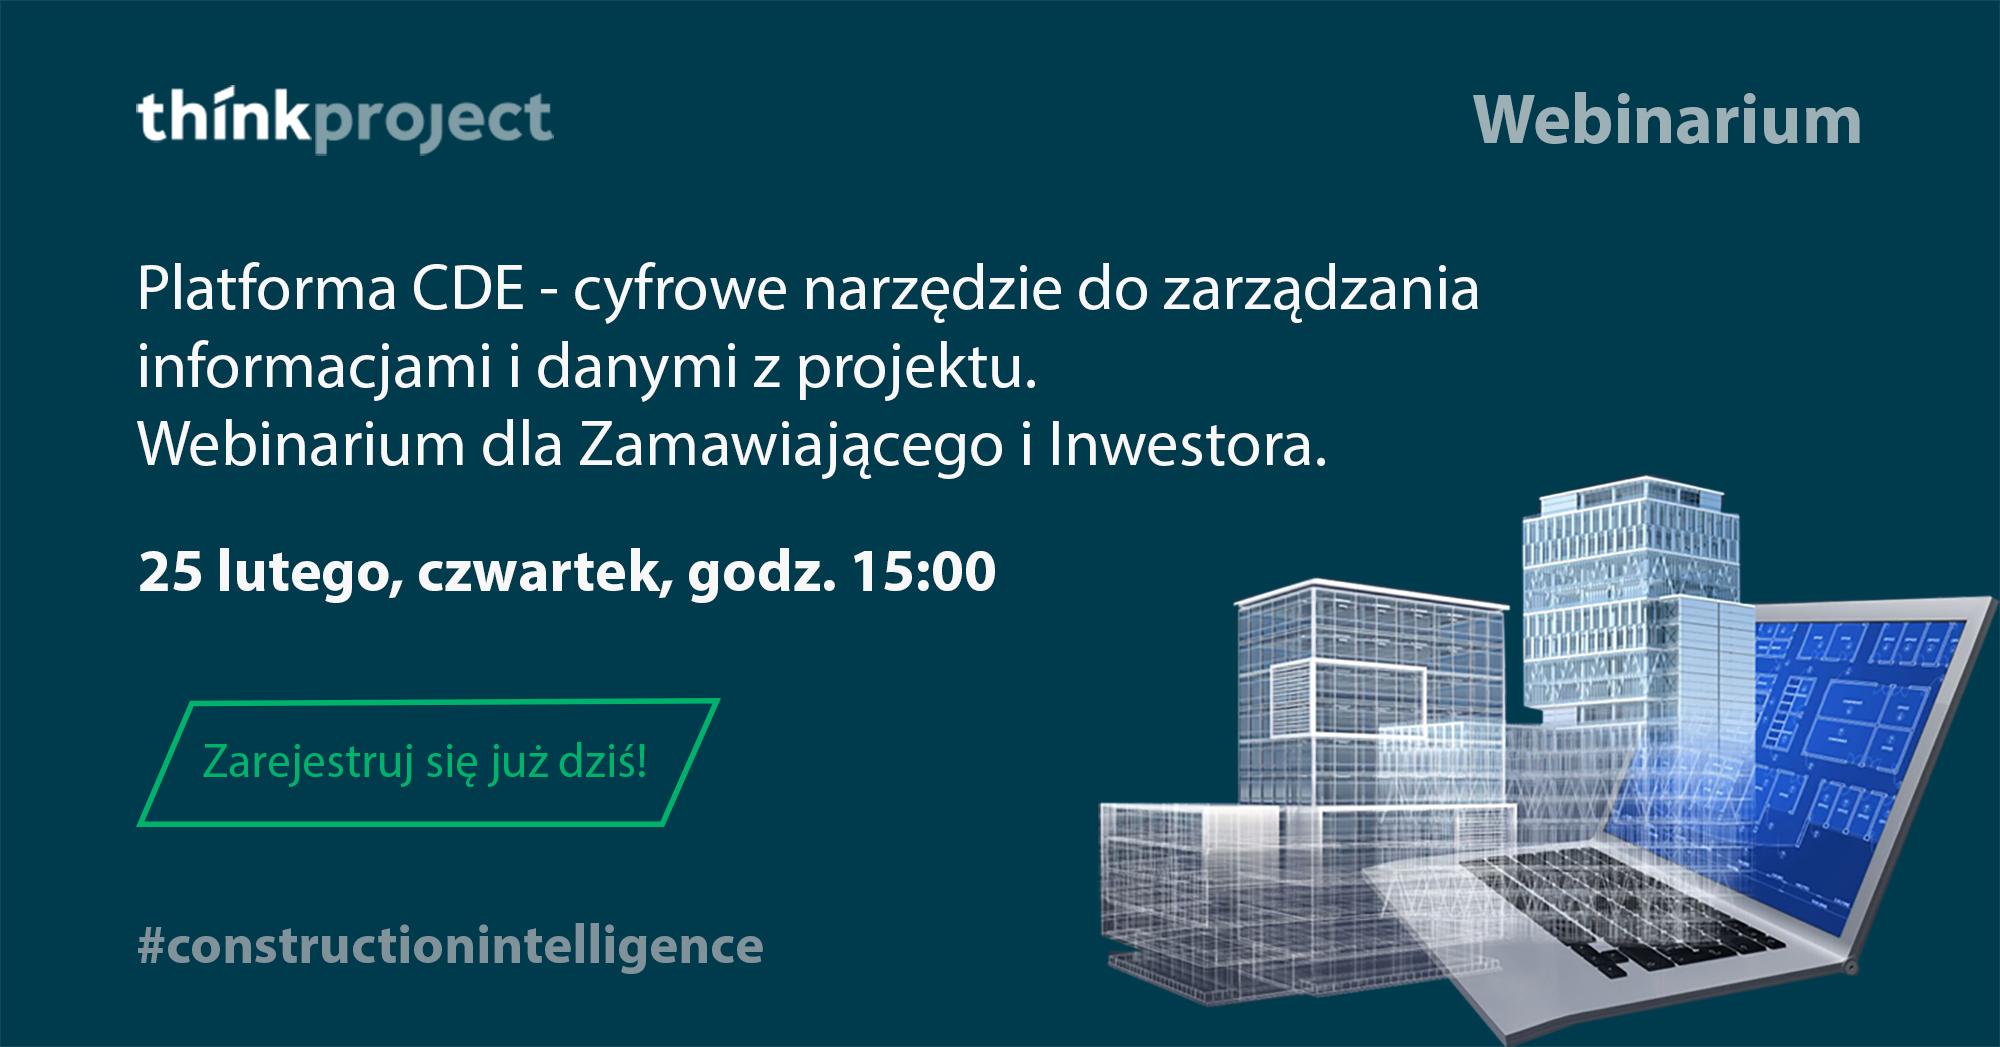 Platforma CDE – cyfrowe narzędzie do zarządzania informacjami i danymi z projektu